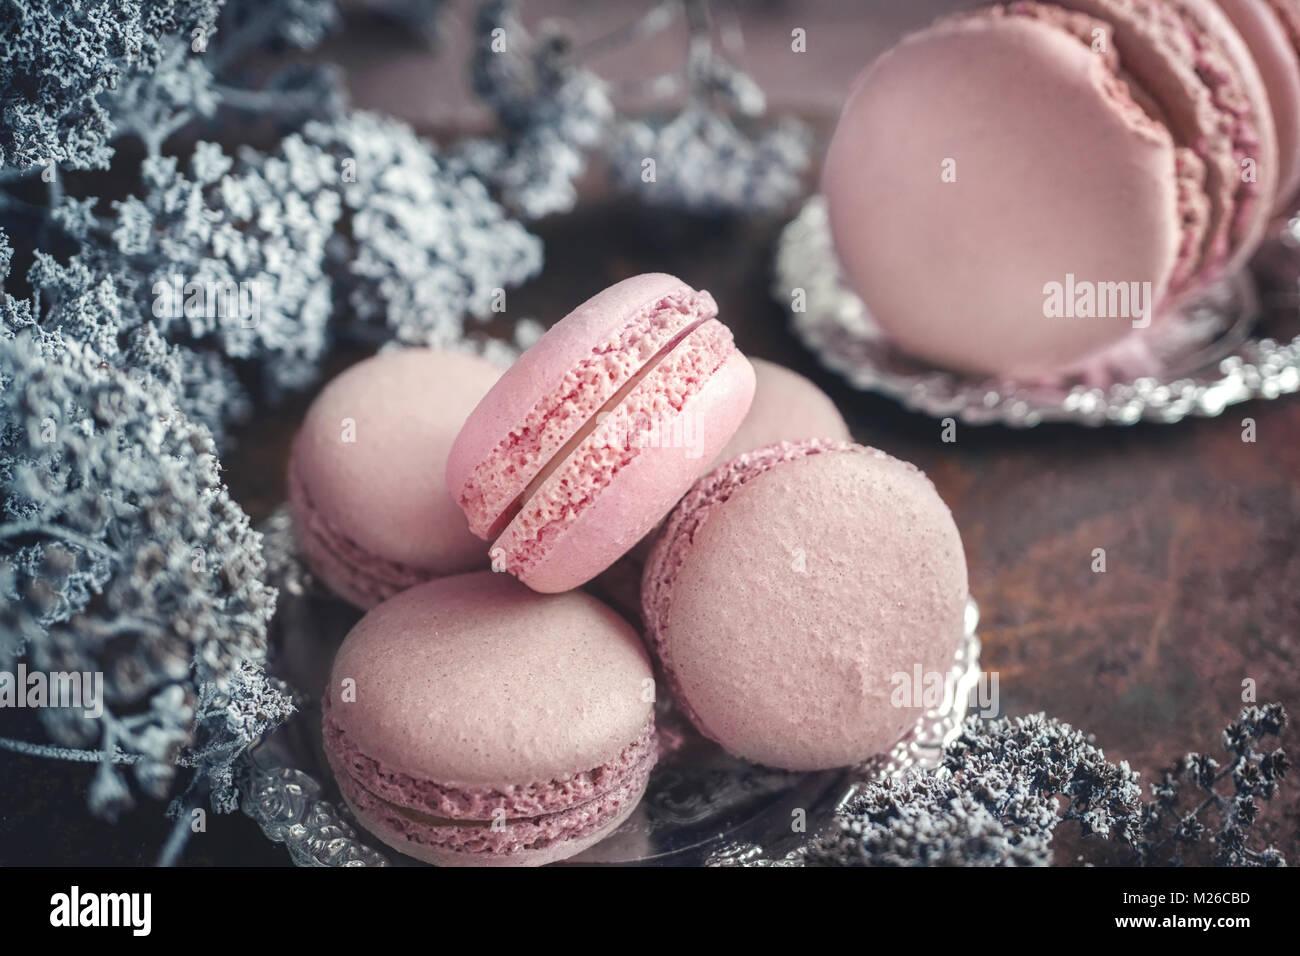 Des petits macarons sur plaque de métal avec de petites fleurs blanches sur fond de bois. Focus sélectif. Photo Stock